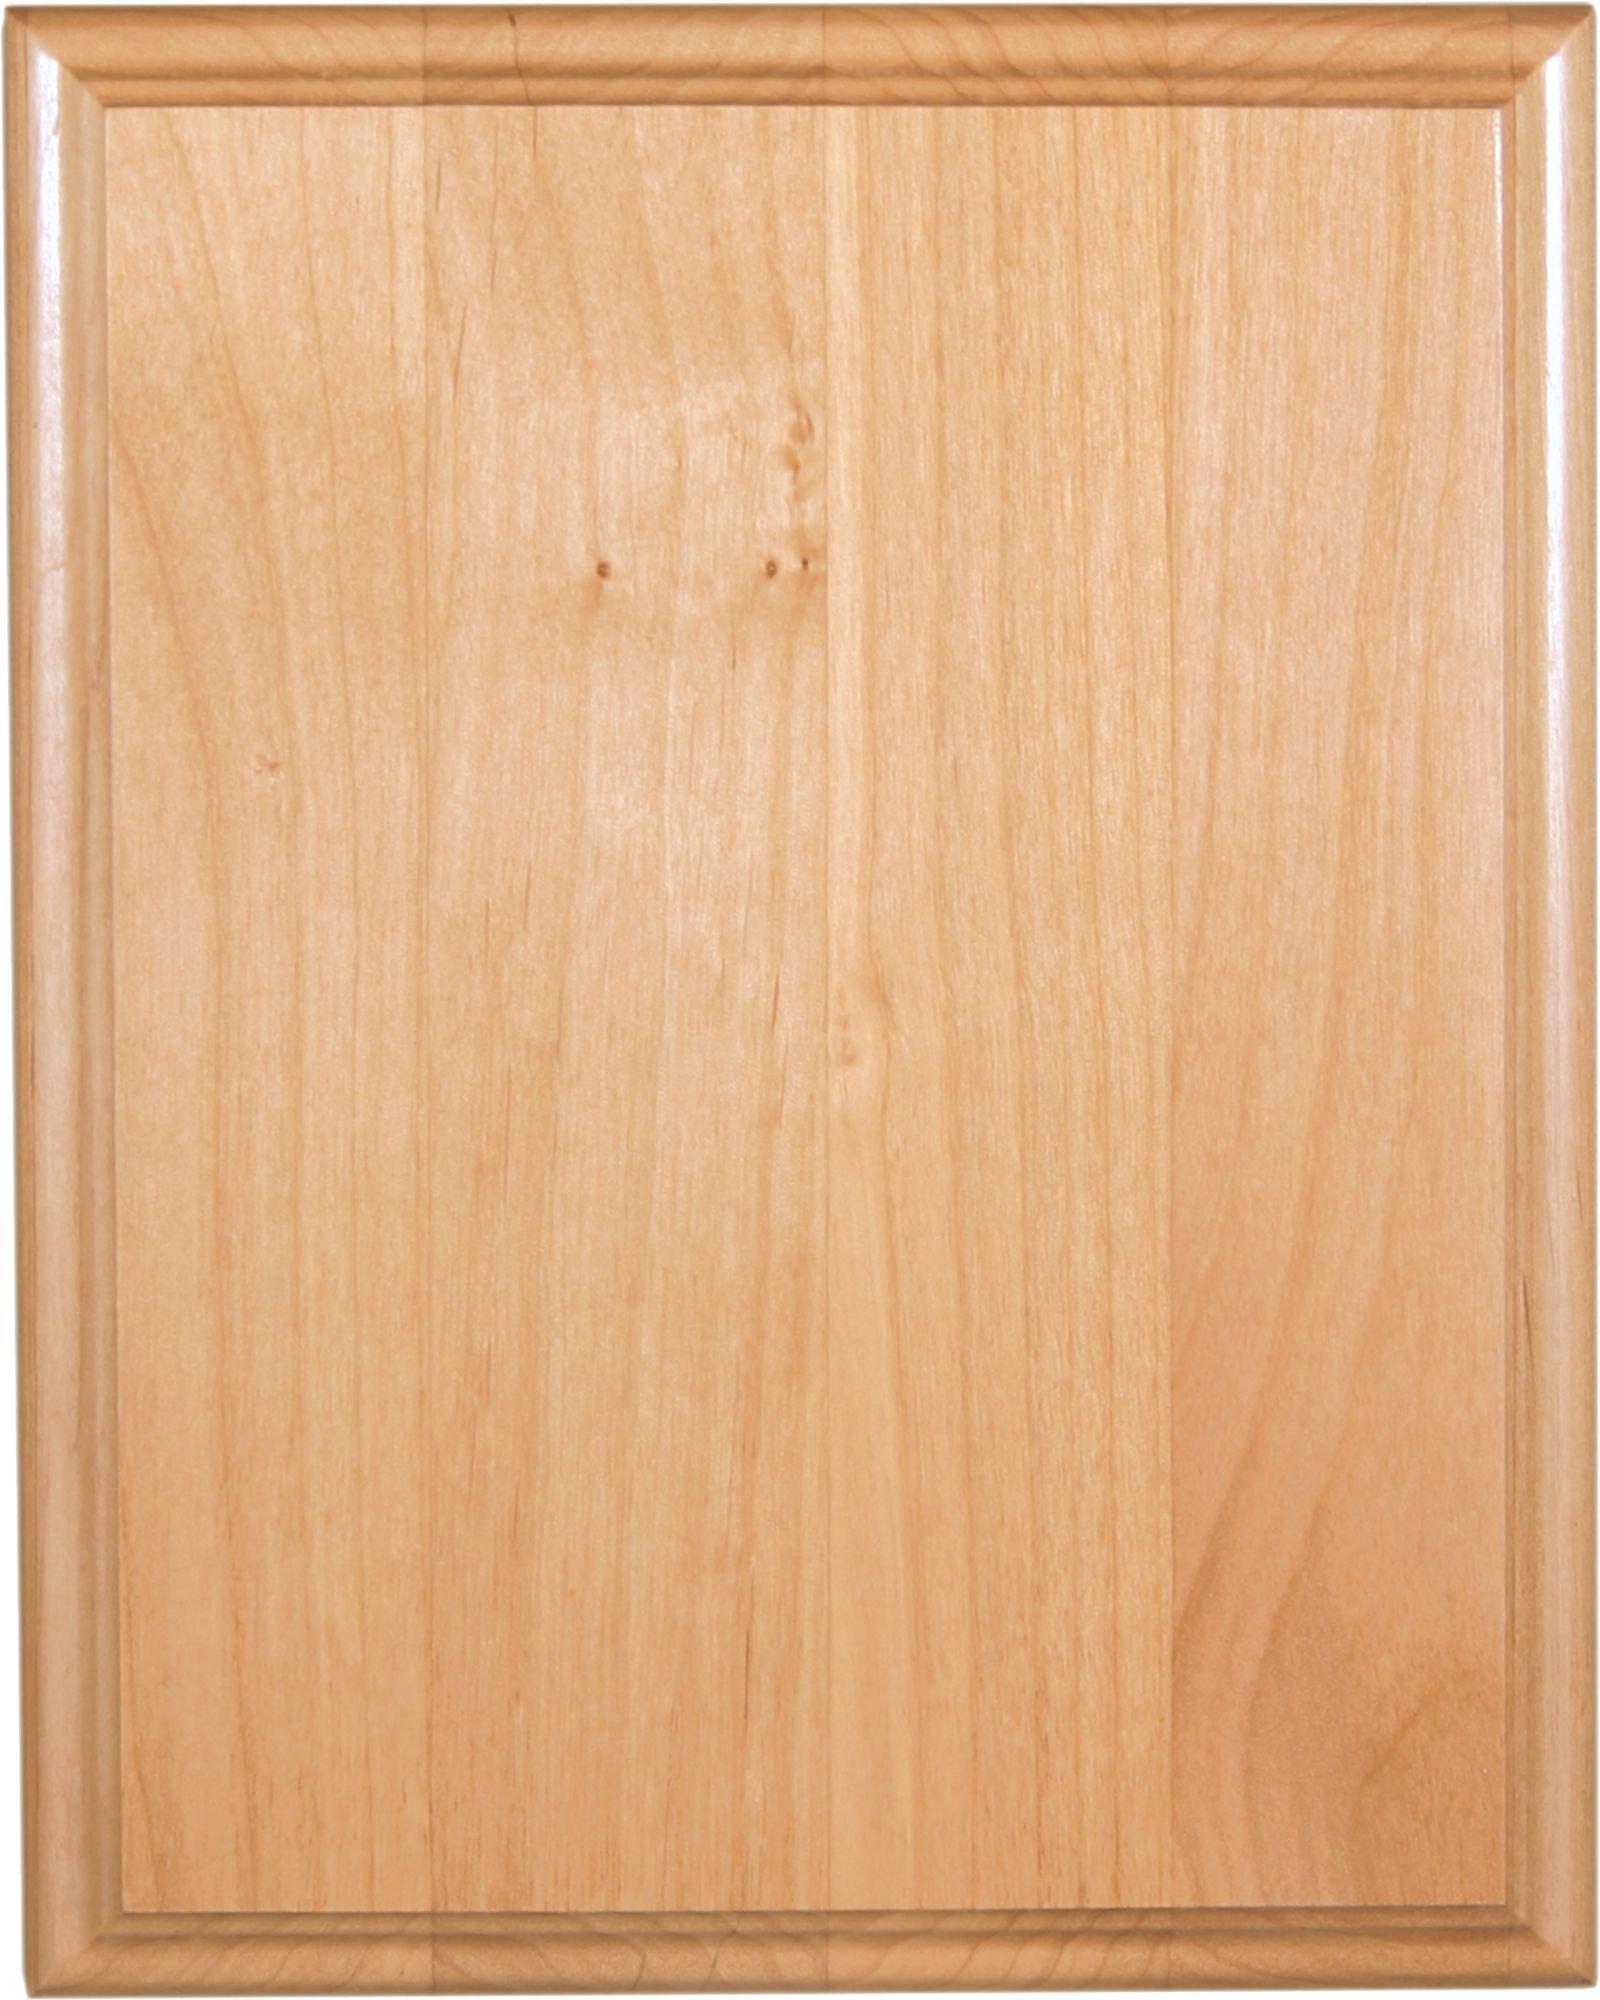 Ridgecrest Genuine Red Alder Wood Plaque, 10.5 by